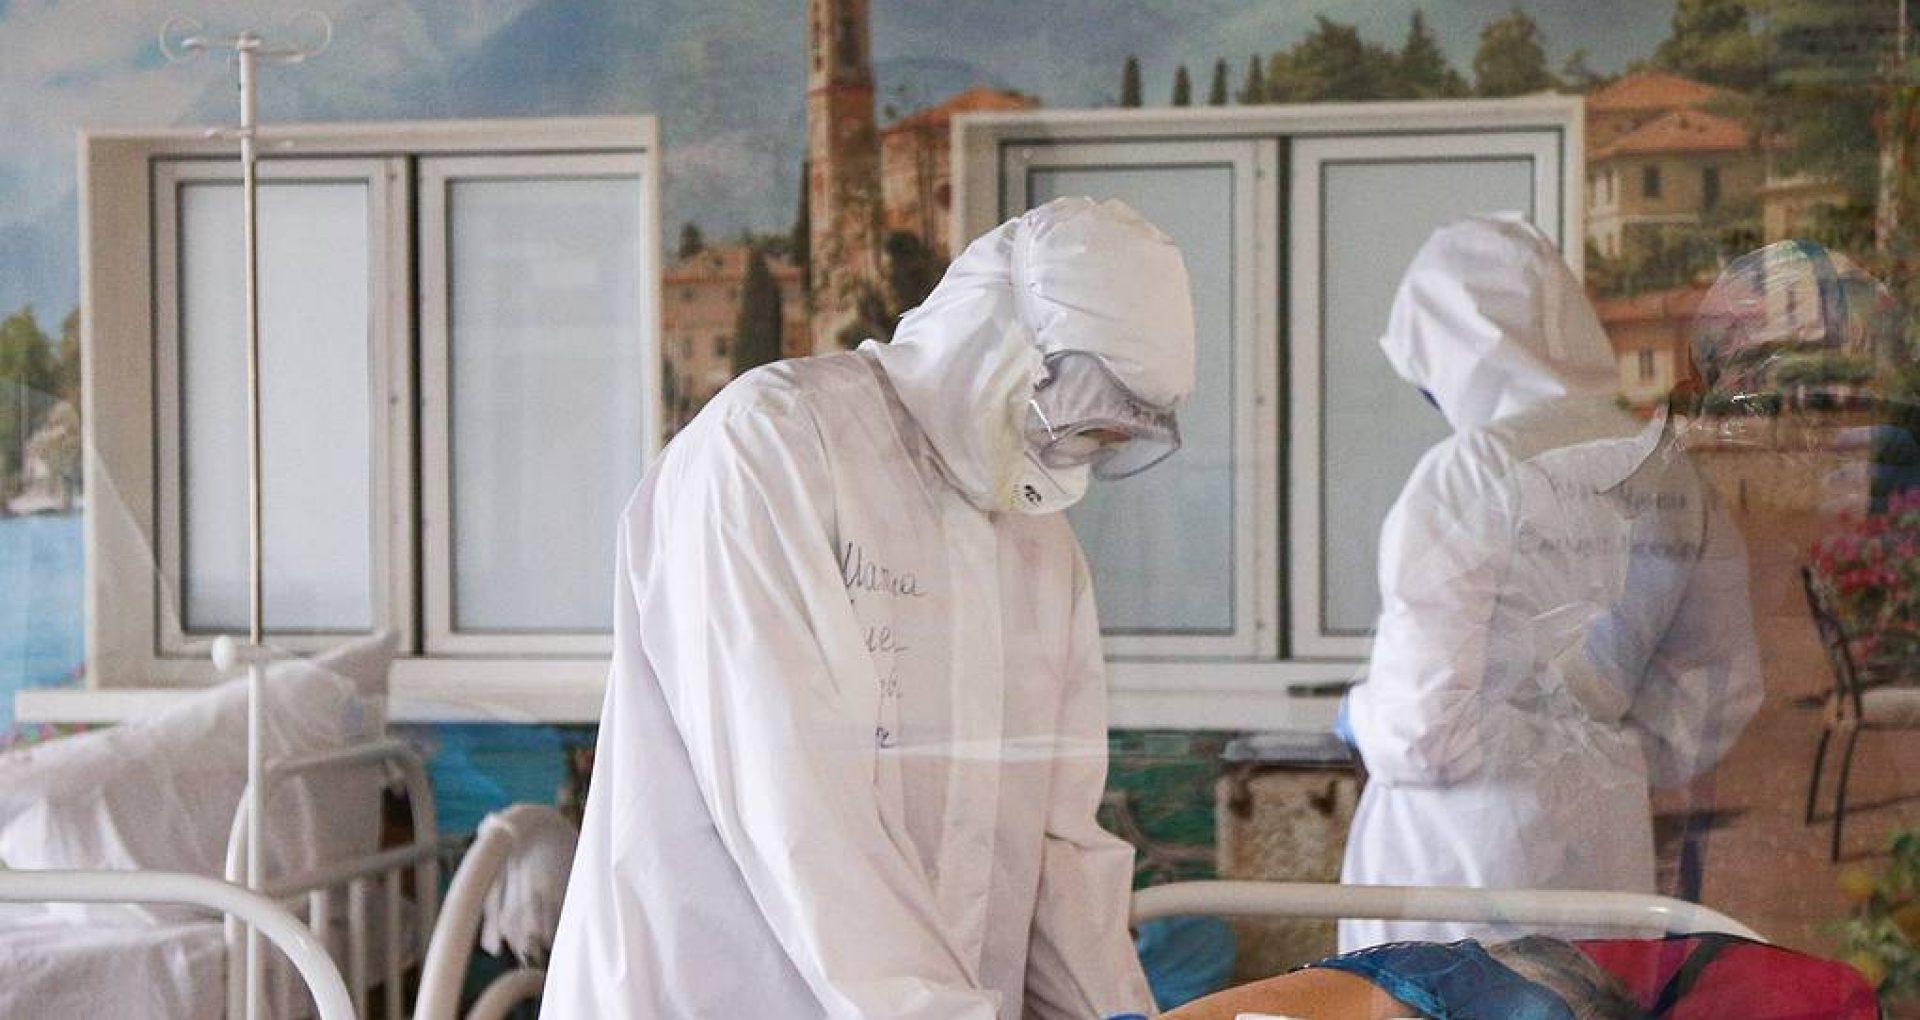 Rusia înregistrează peste 22 de mii de cazuri noi de îmbolnăvire cu COVID-19. Sankt Petersburg este cel mai afectat oraș